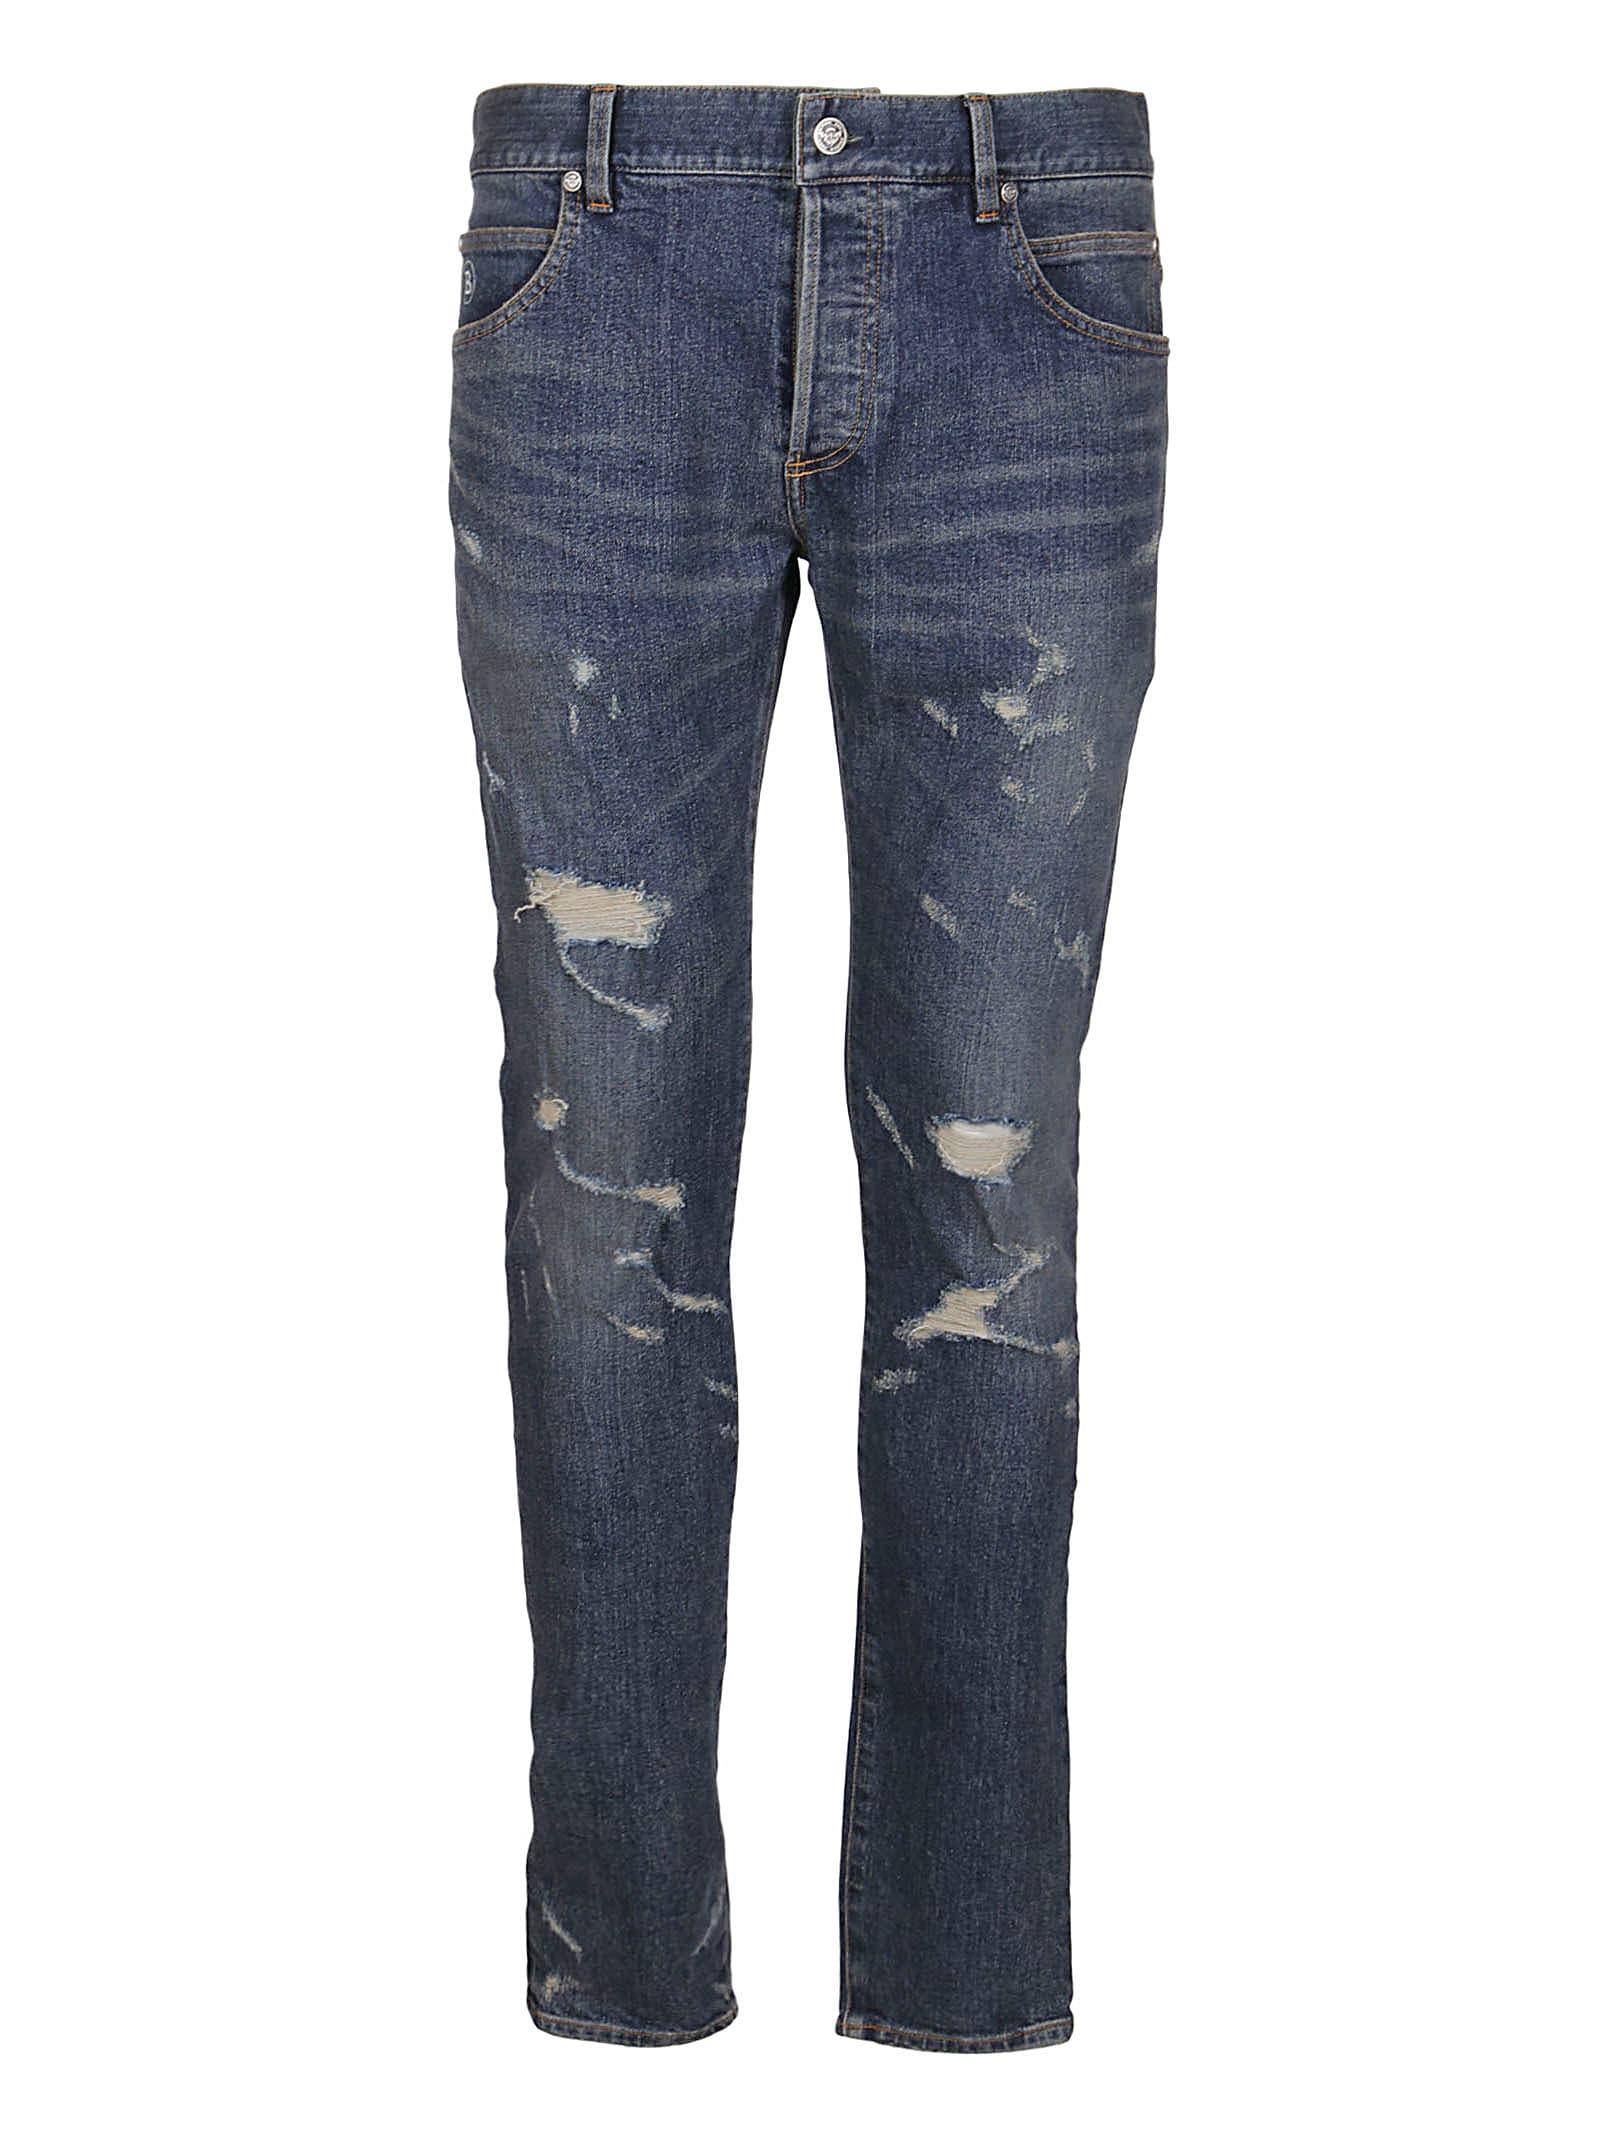 Balmain Blue Cotton Blend Jeans